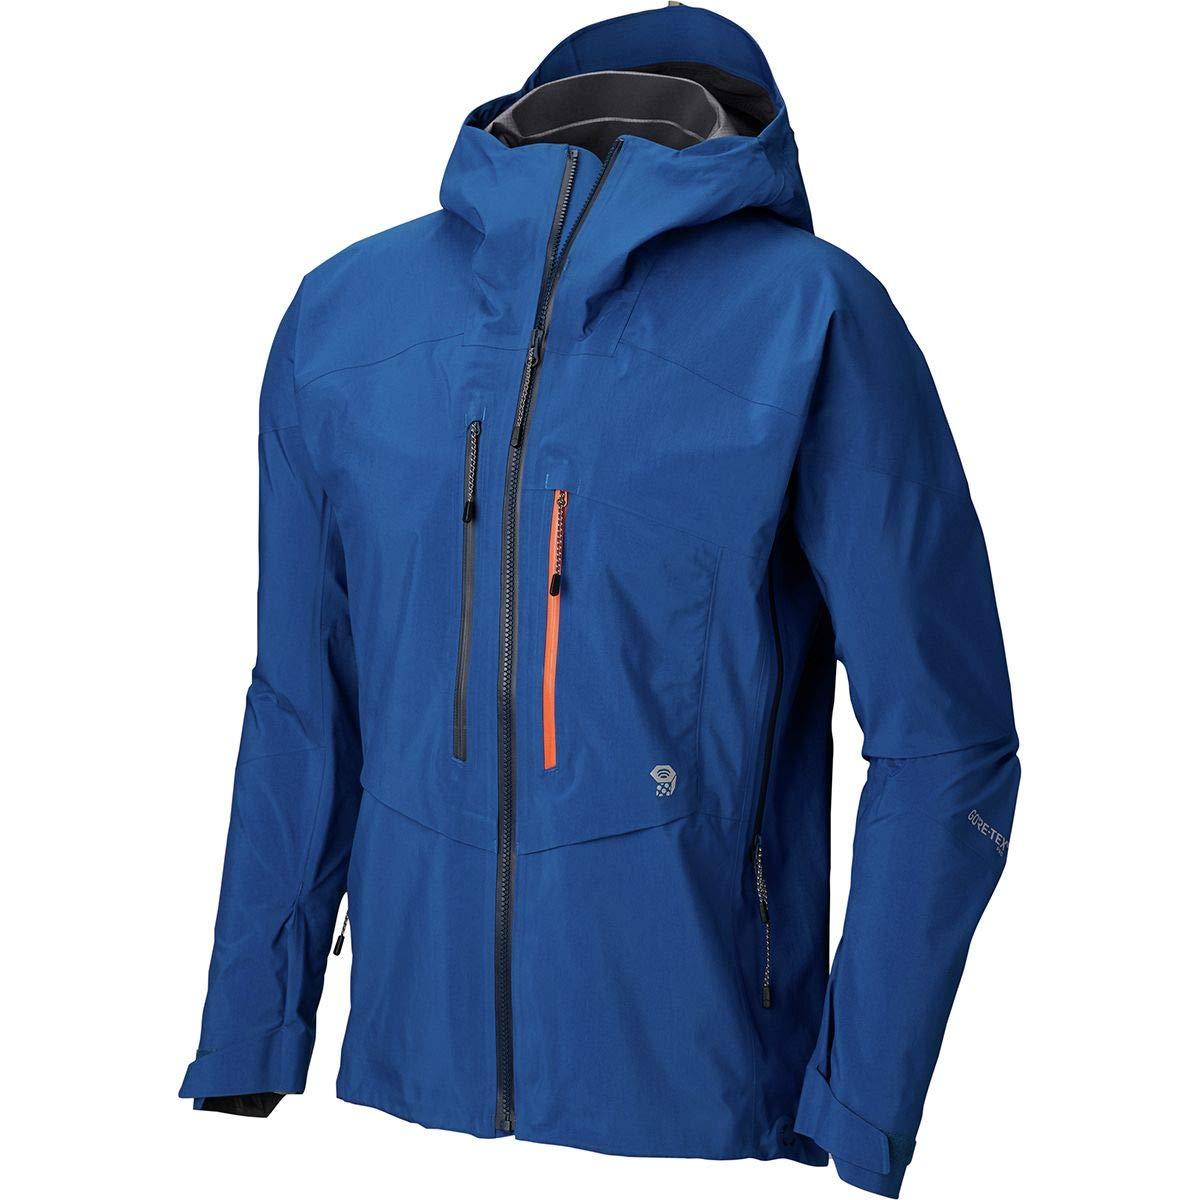 [マウンテンハードウェア] メンズ Jacket ジャケット B07QNK5PM9&ブルゾン Exposure/2 Gore-tex Pro Jacket [並行輸入品] [並行輸入品] B07QNK5PM9 L, ミナミカタマチ:0be76d6a --- gallery-rugdoll.com